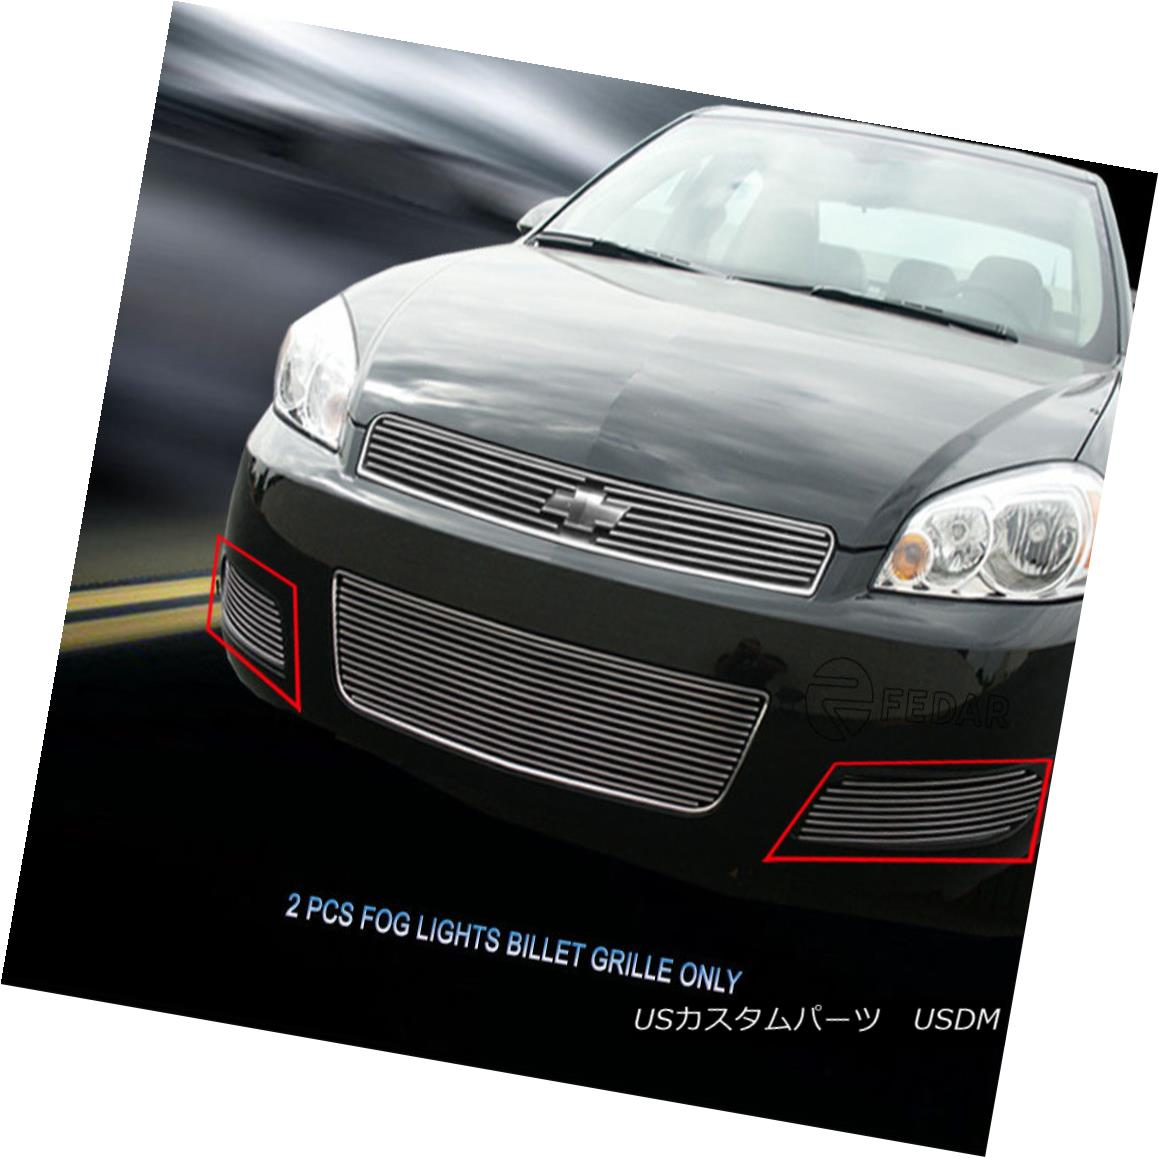 グリル For 06-13 Chevrolet/Chevy Impala Bumper Billet Grille 2Pcs Grill Insert Fedar 06-13シボレー/シェブ yインパラバンパービレットグリル2個グリルインサートフェルダ